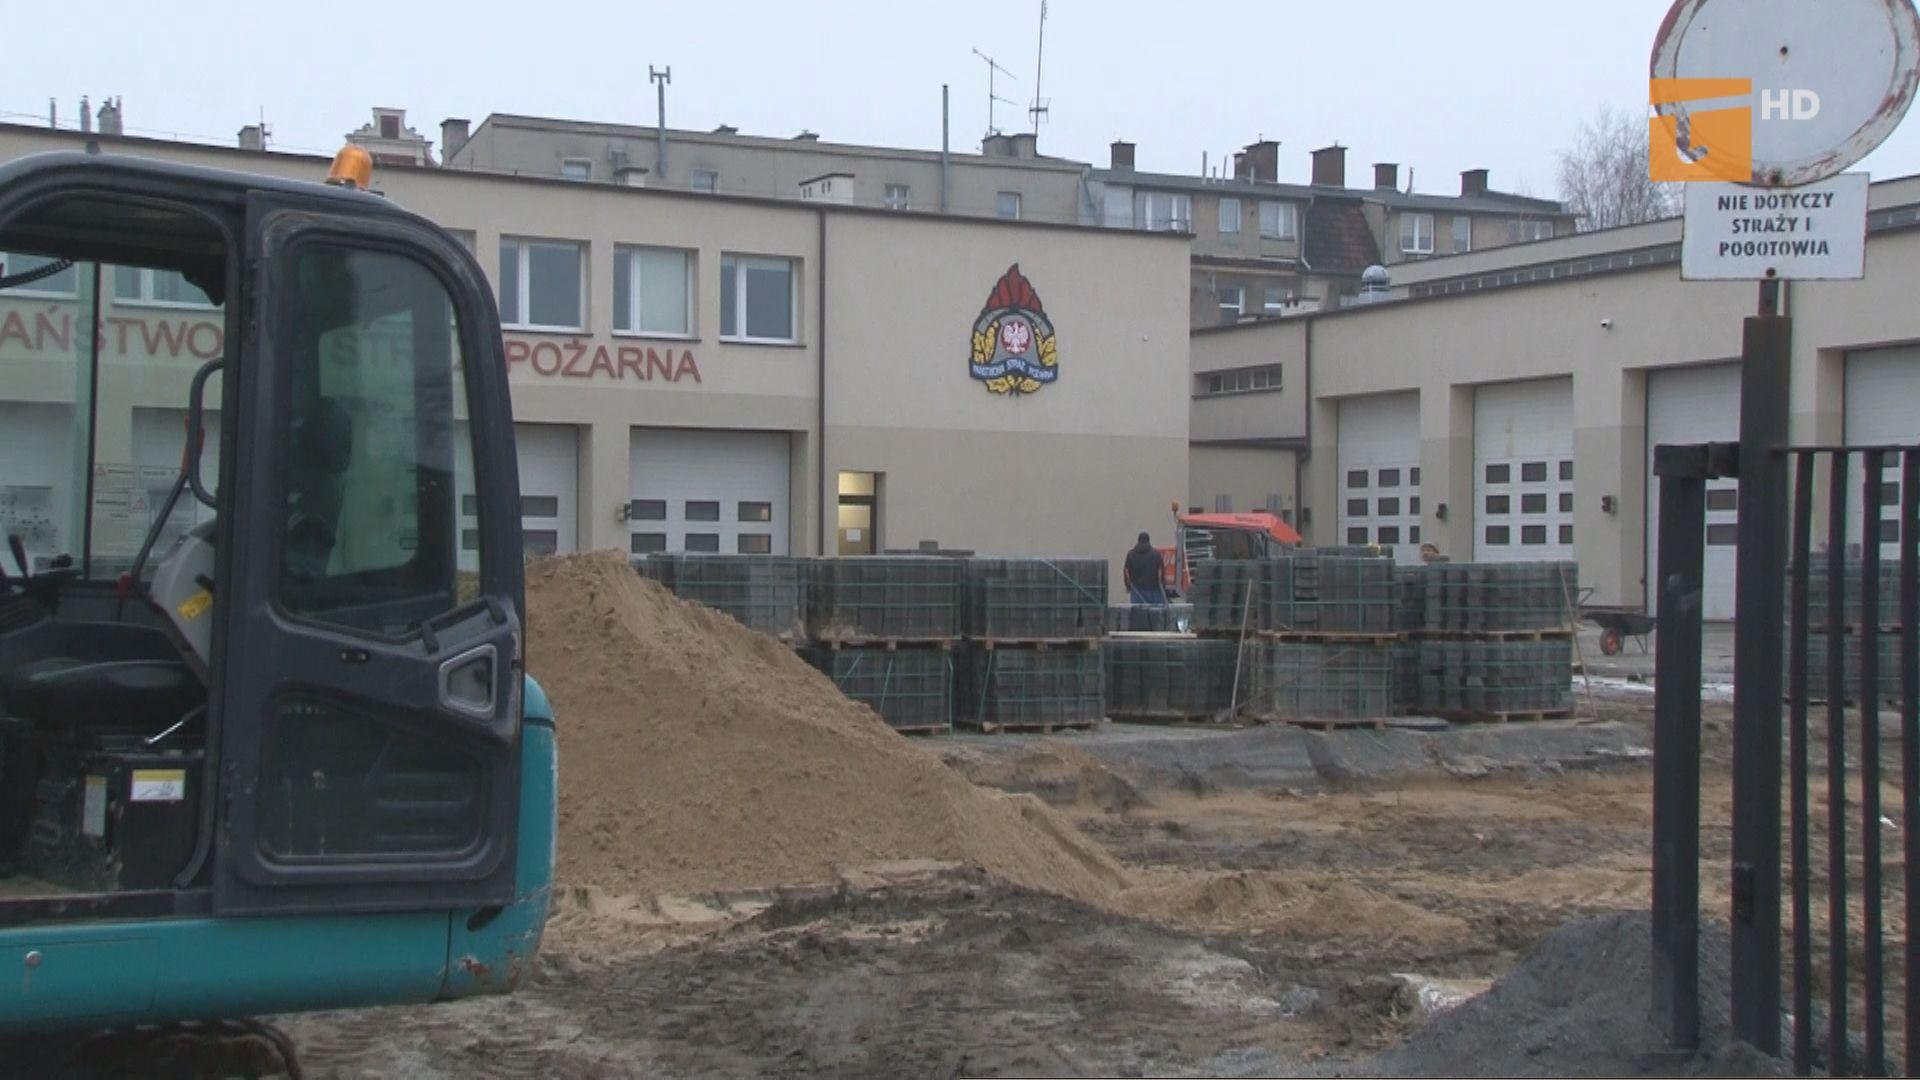 Prace modernizacyjne strażackiego placu manewrowego idą pełną parą